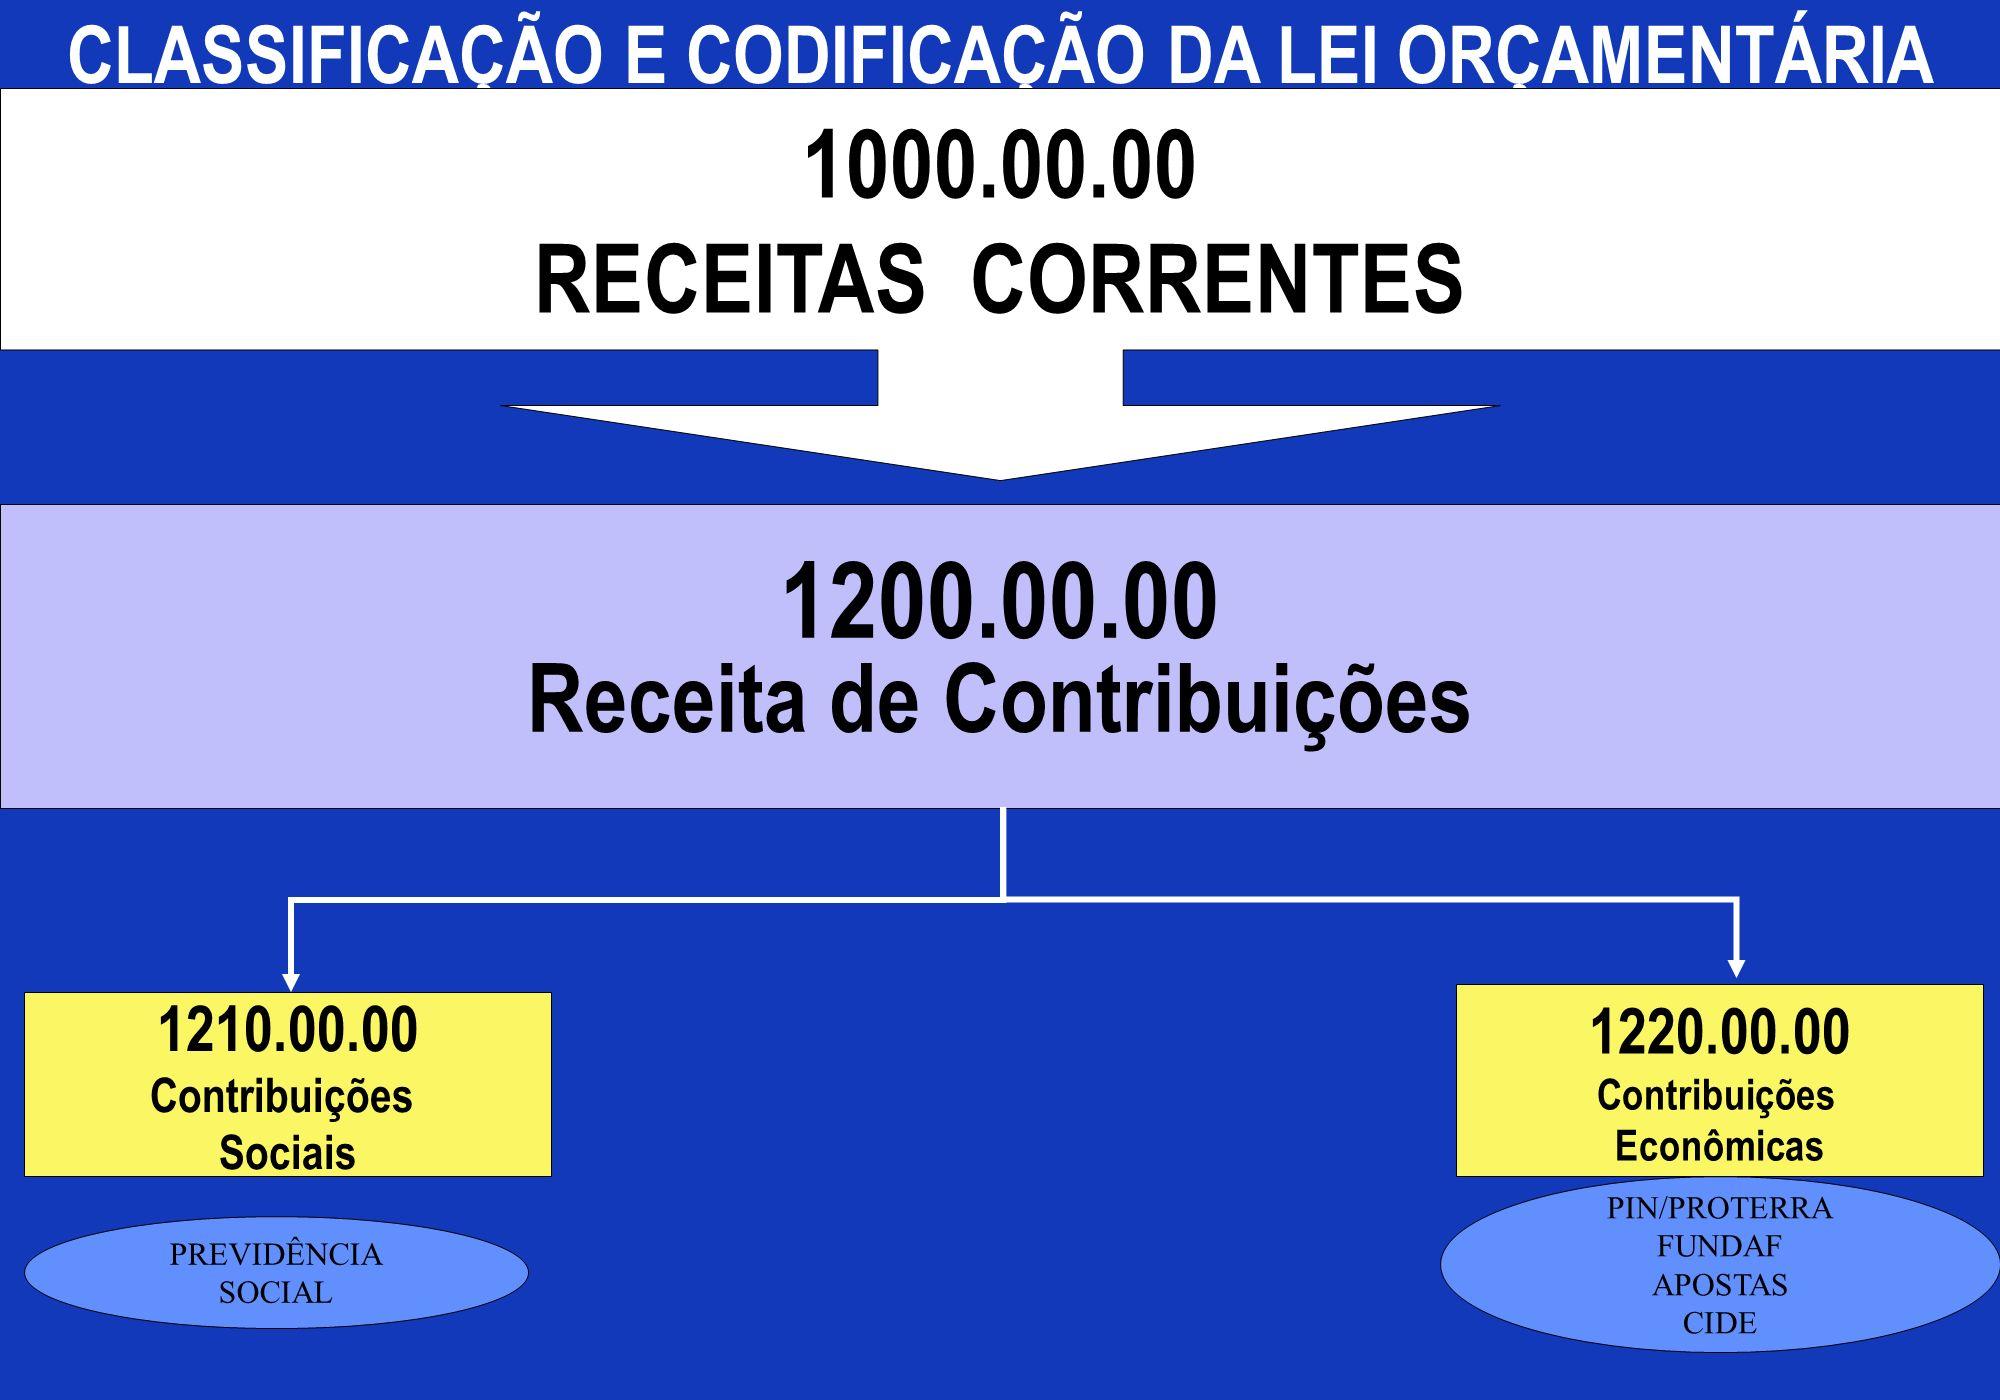 1200.00.00 Receita de Contribuições CLASSIFICAÇÃO E CODIFICAÇÃO DA LEI ORÇAMENTÁRIA 1000.00.00 RECEITAS CORRENTES 1210.00.00 Contribuições Sociais 122